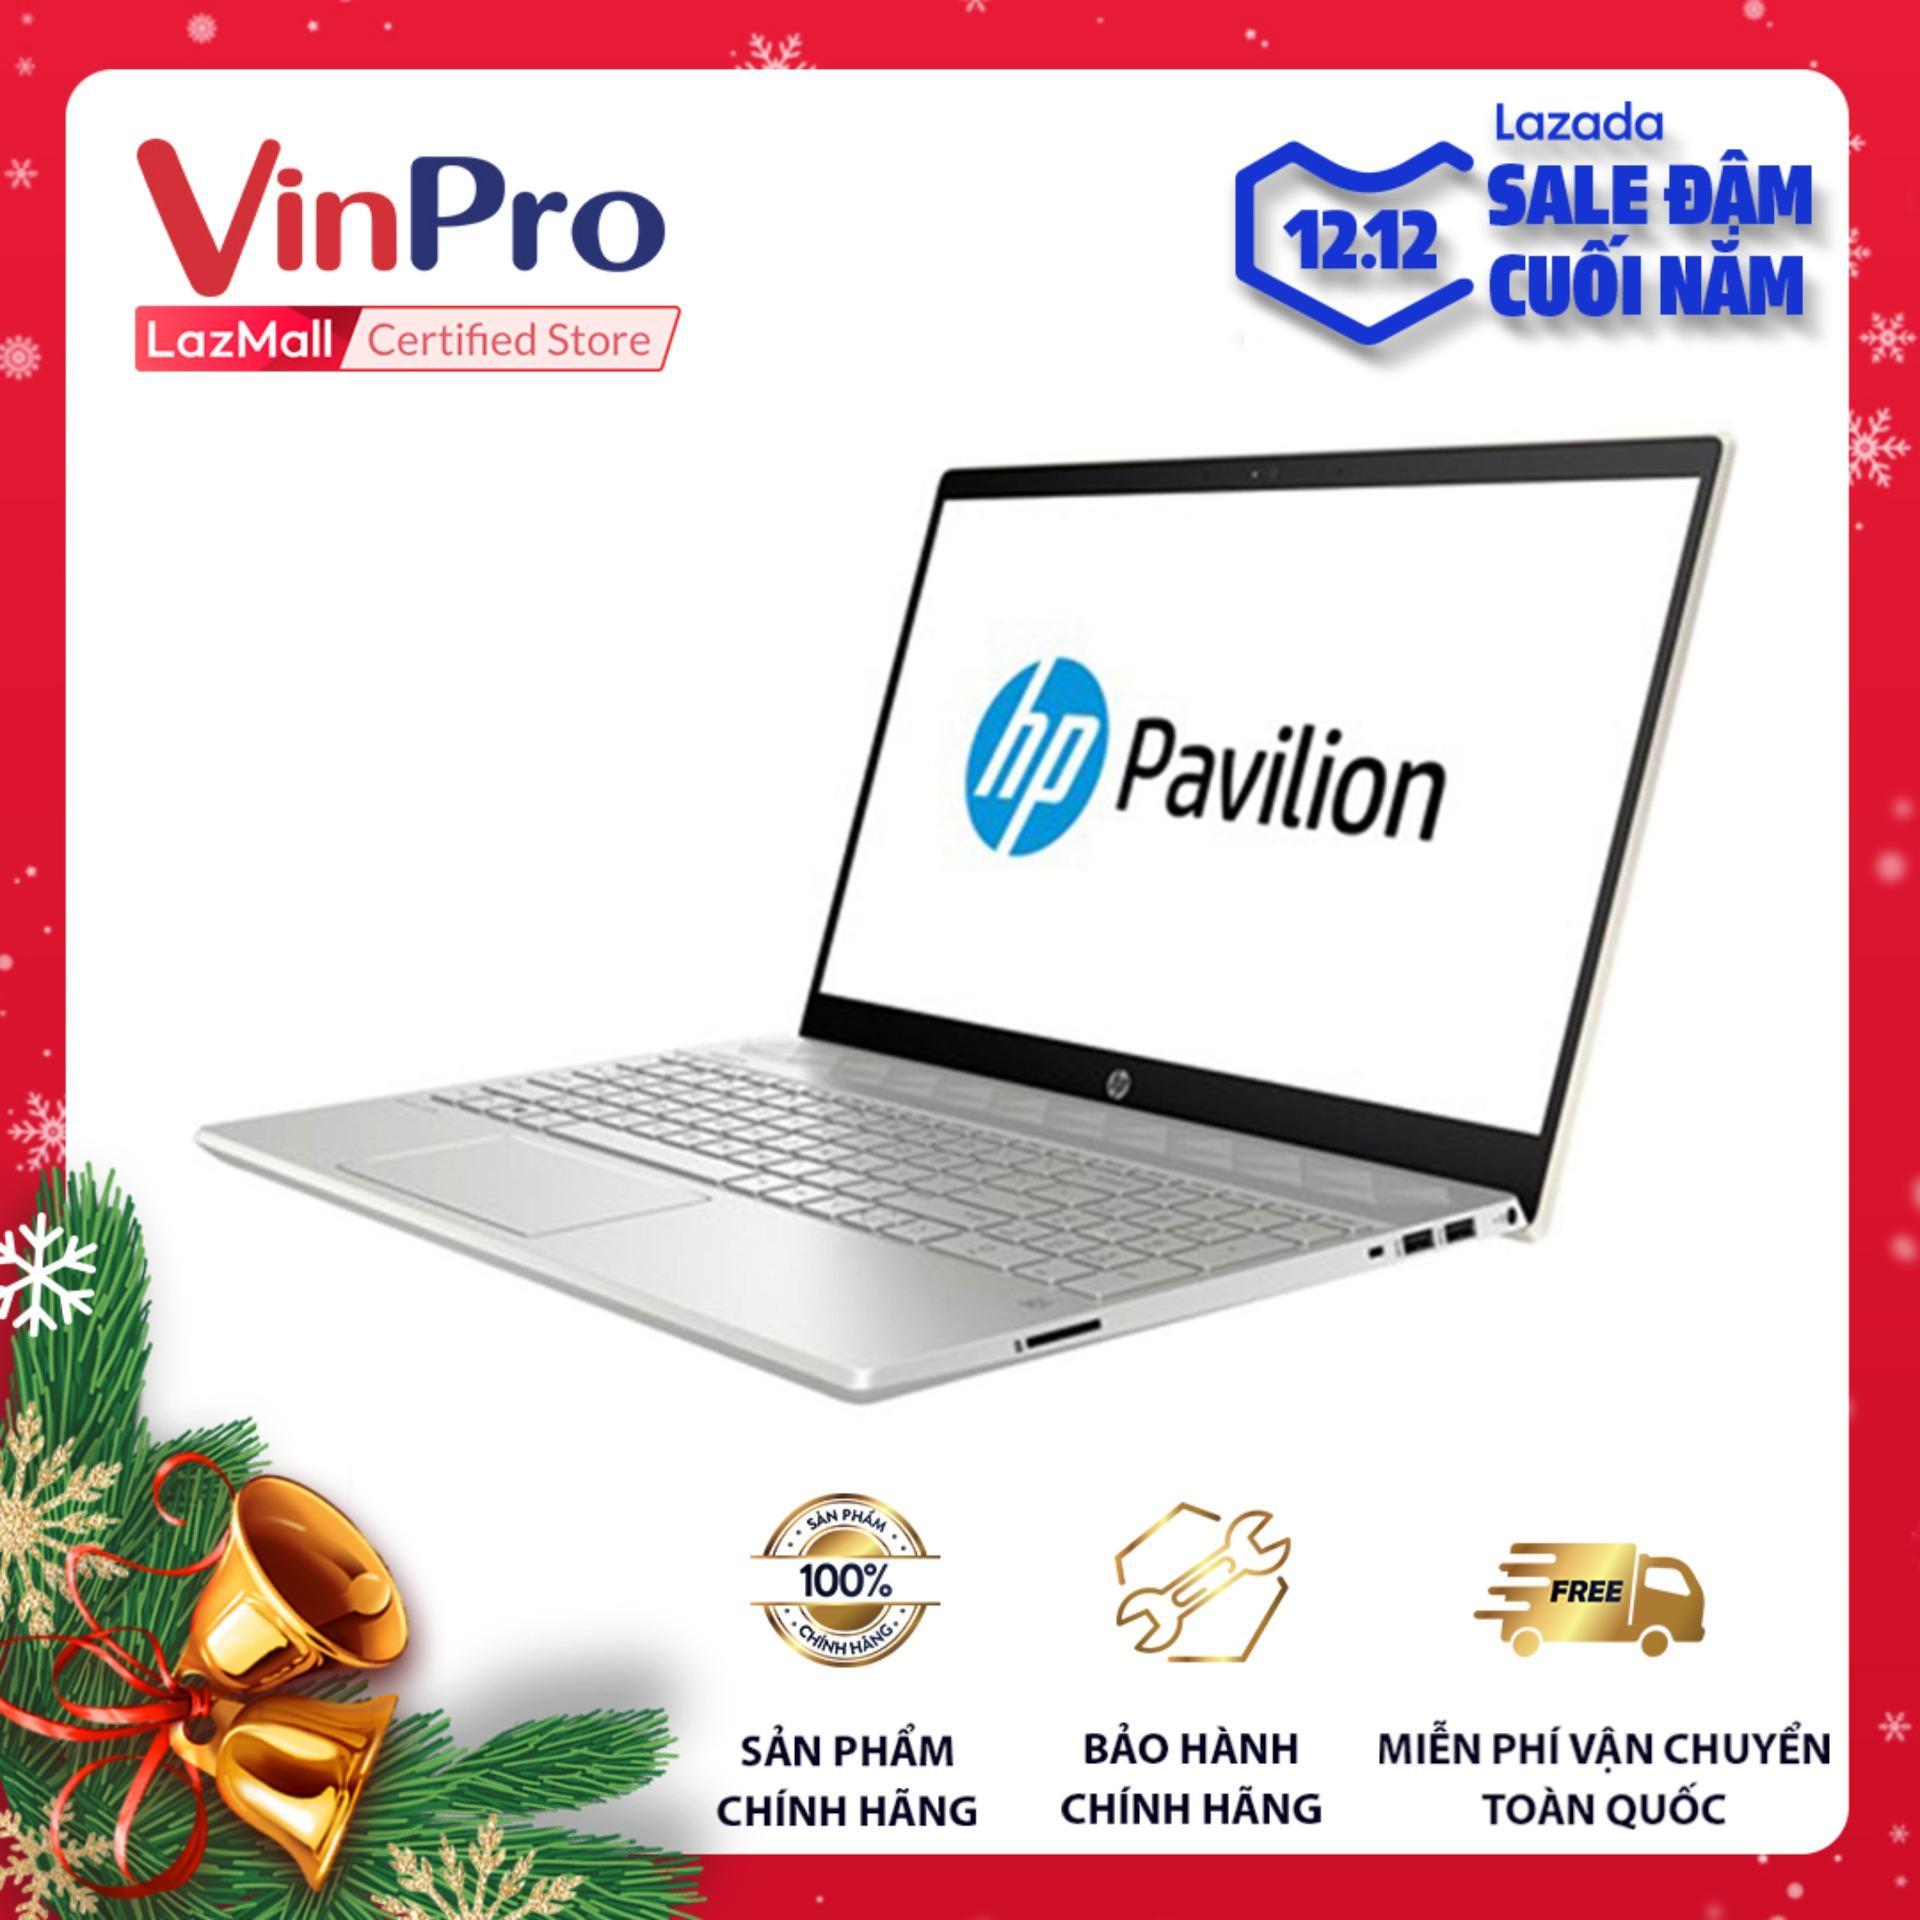 Laptop HP Pavilion 15-cs2055TX (6ZF22PA) - Hàng chính hãng - Core i5-8265U, RAM 4GB, màn hình 15.6 inch, MX130 2GB, Win 10